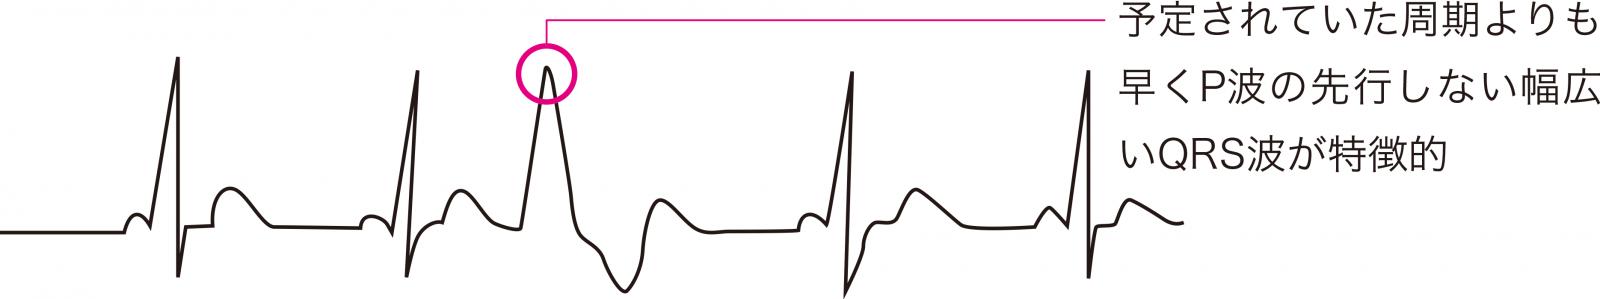 心室期外収縮(PVC)の心電図波形